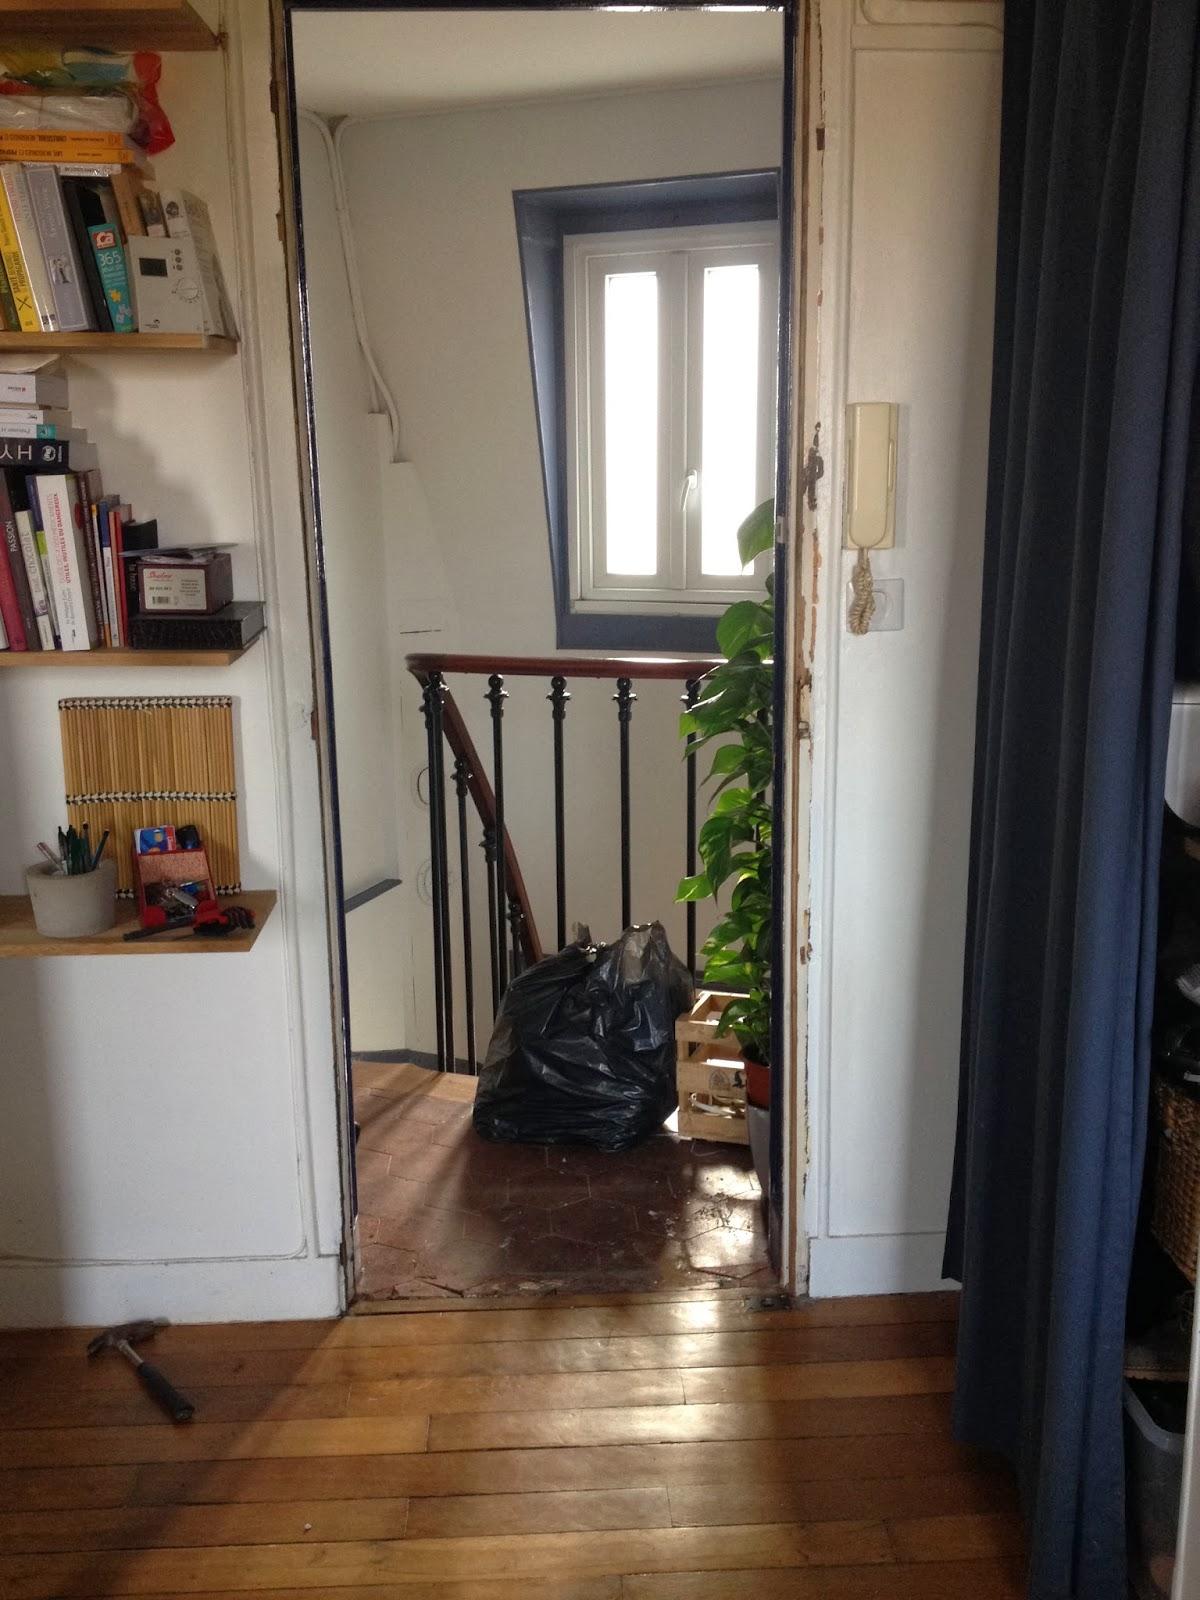 encadrement de la porte d'entrée de l'appartement